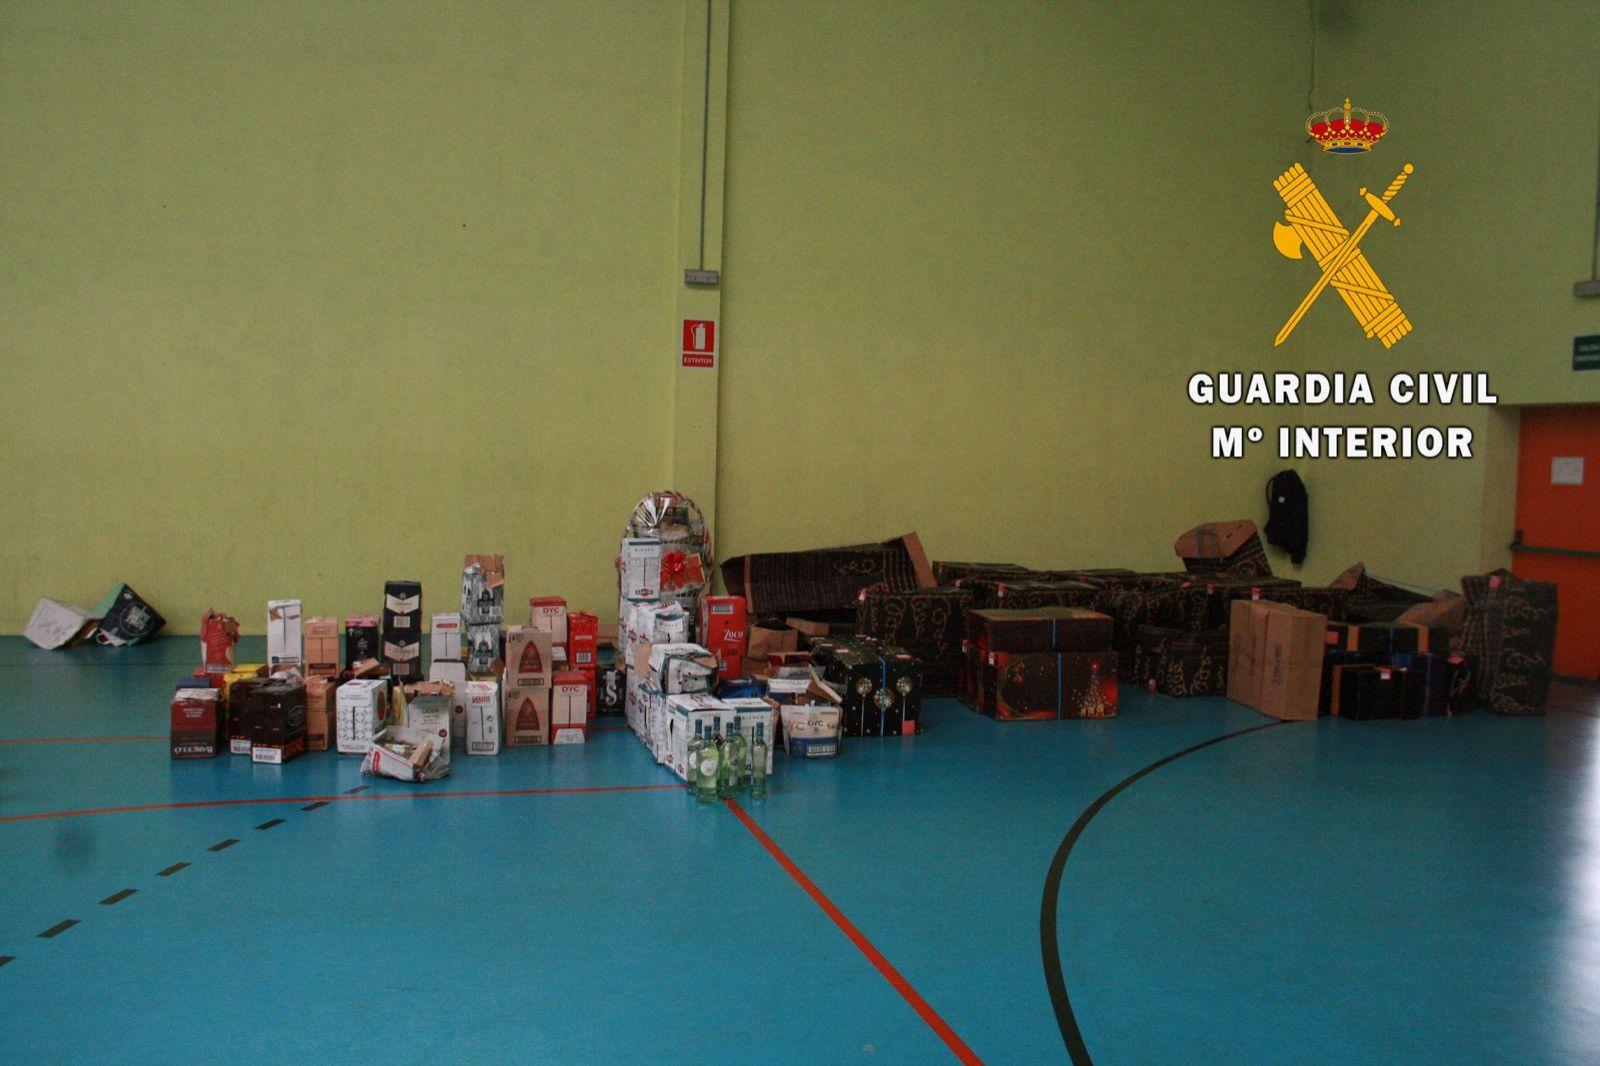 Operaciu00f3n Guardia Civil robos Martinamor 1